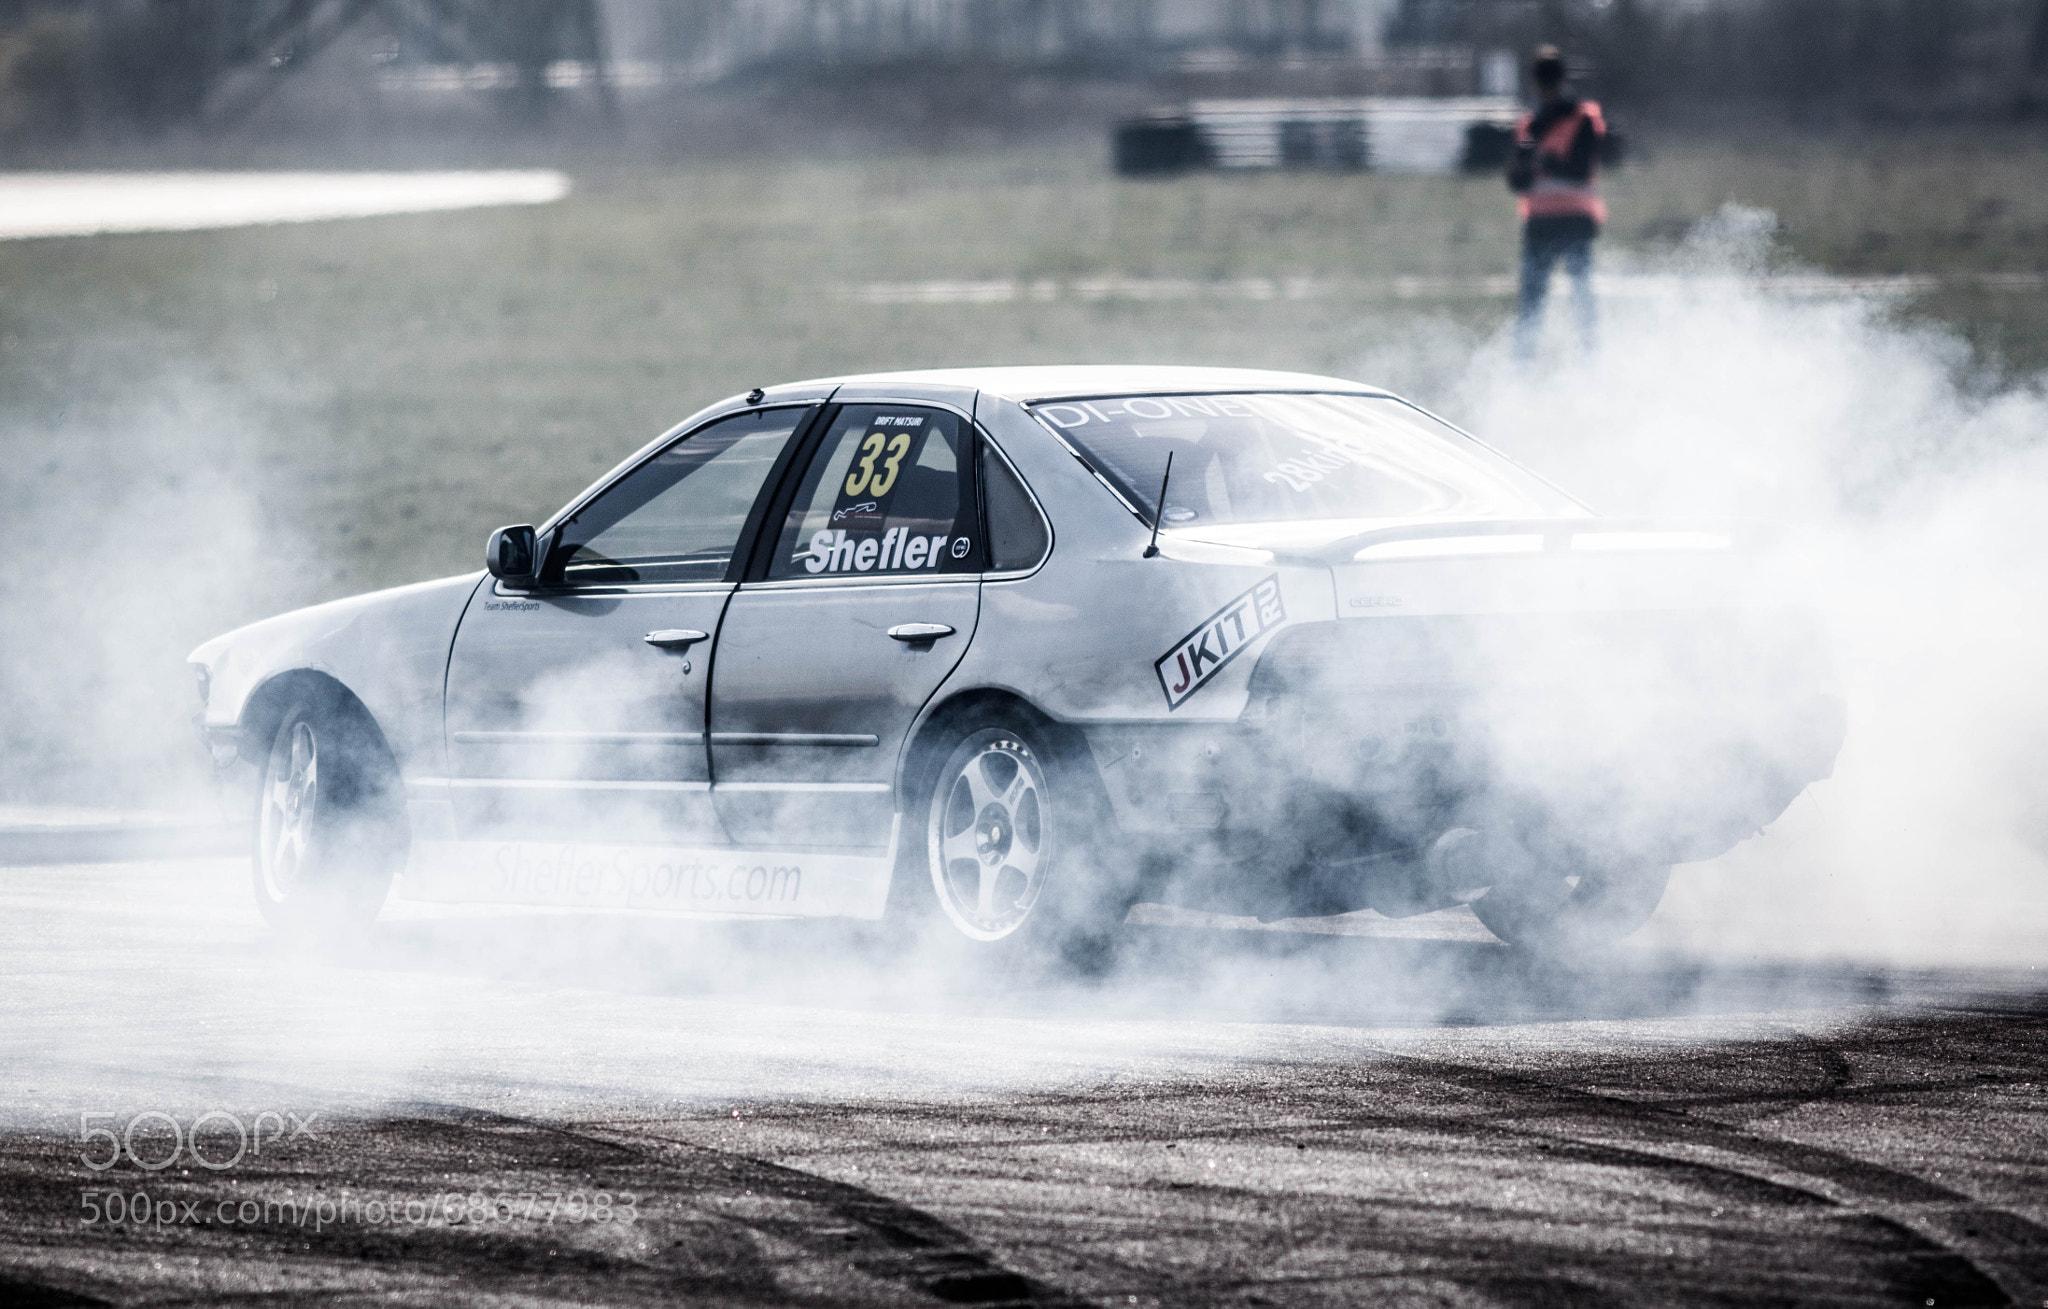 Photograph Drift race by SteFFun Aman on 500px